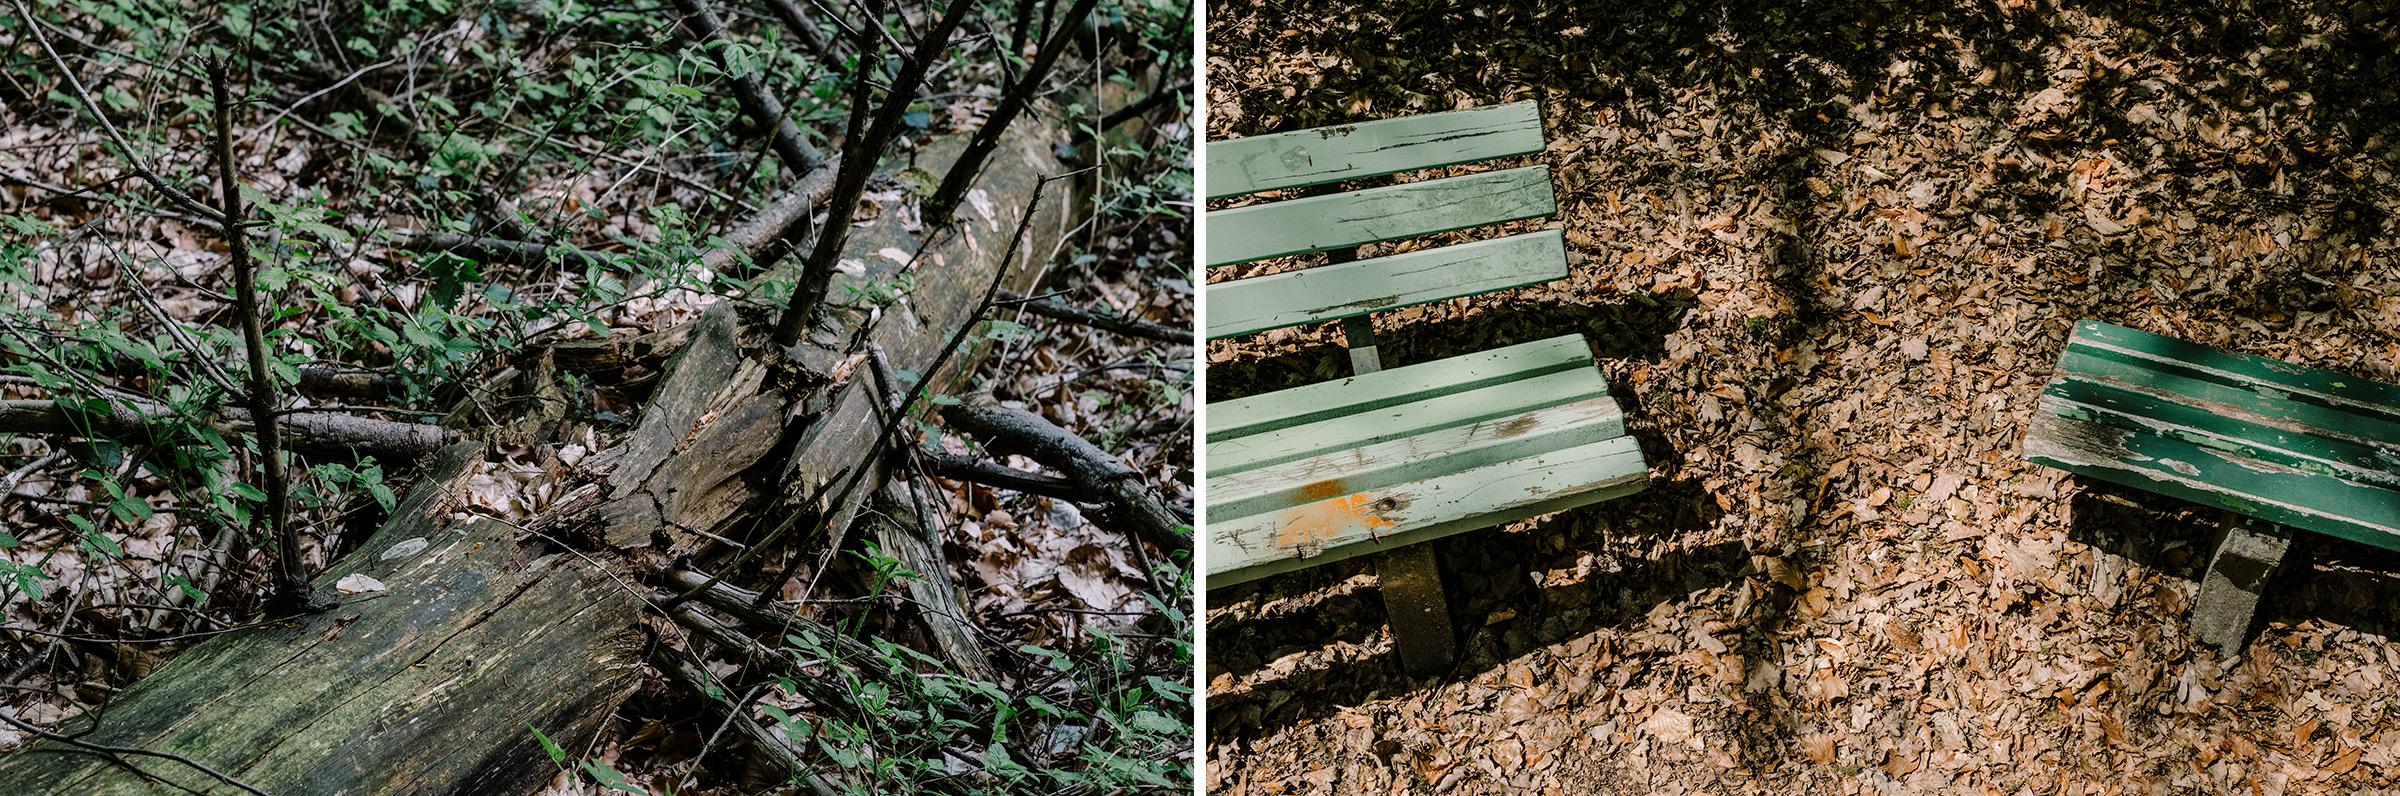 Fotokurs Wald. Wasser. Wurzel., Fotos: Martin Hülle